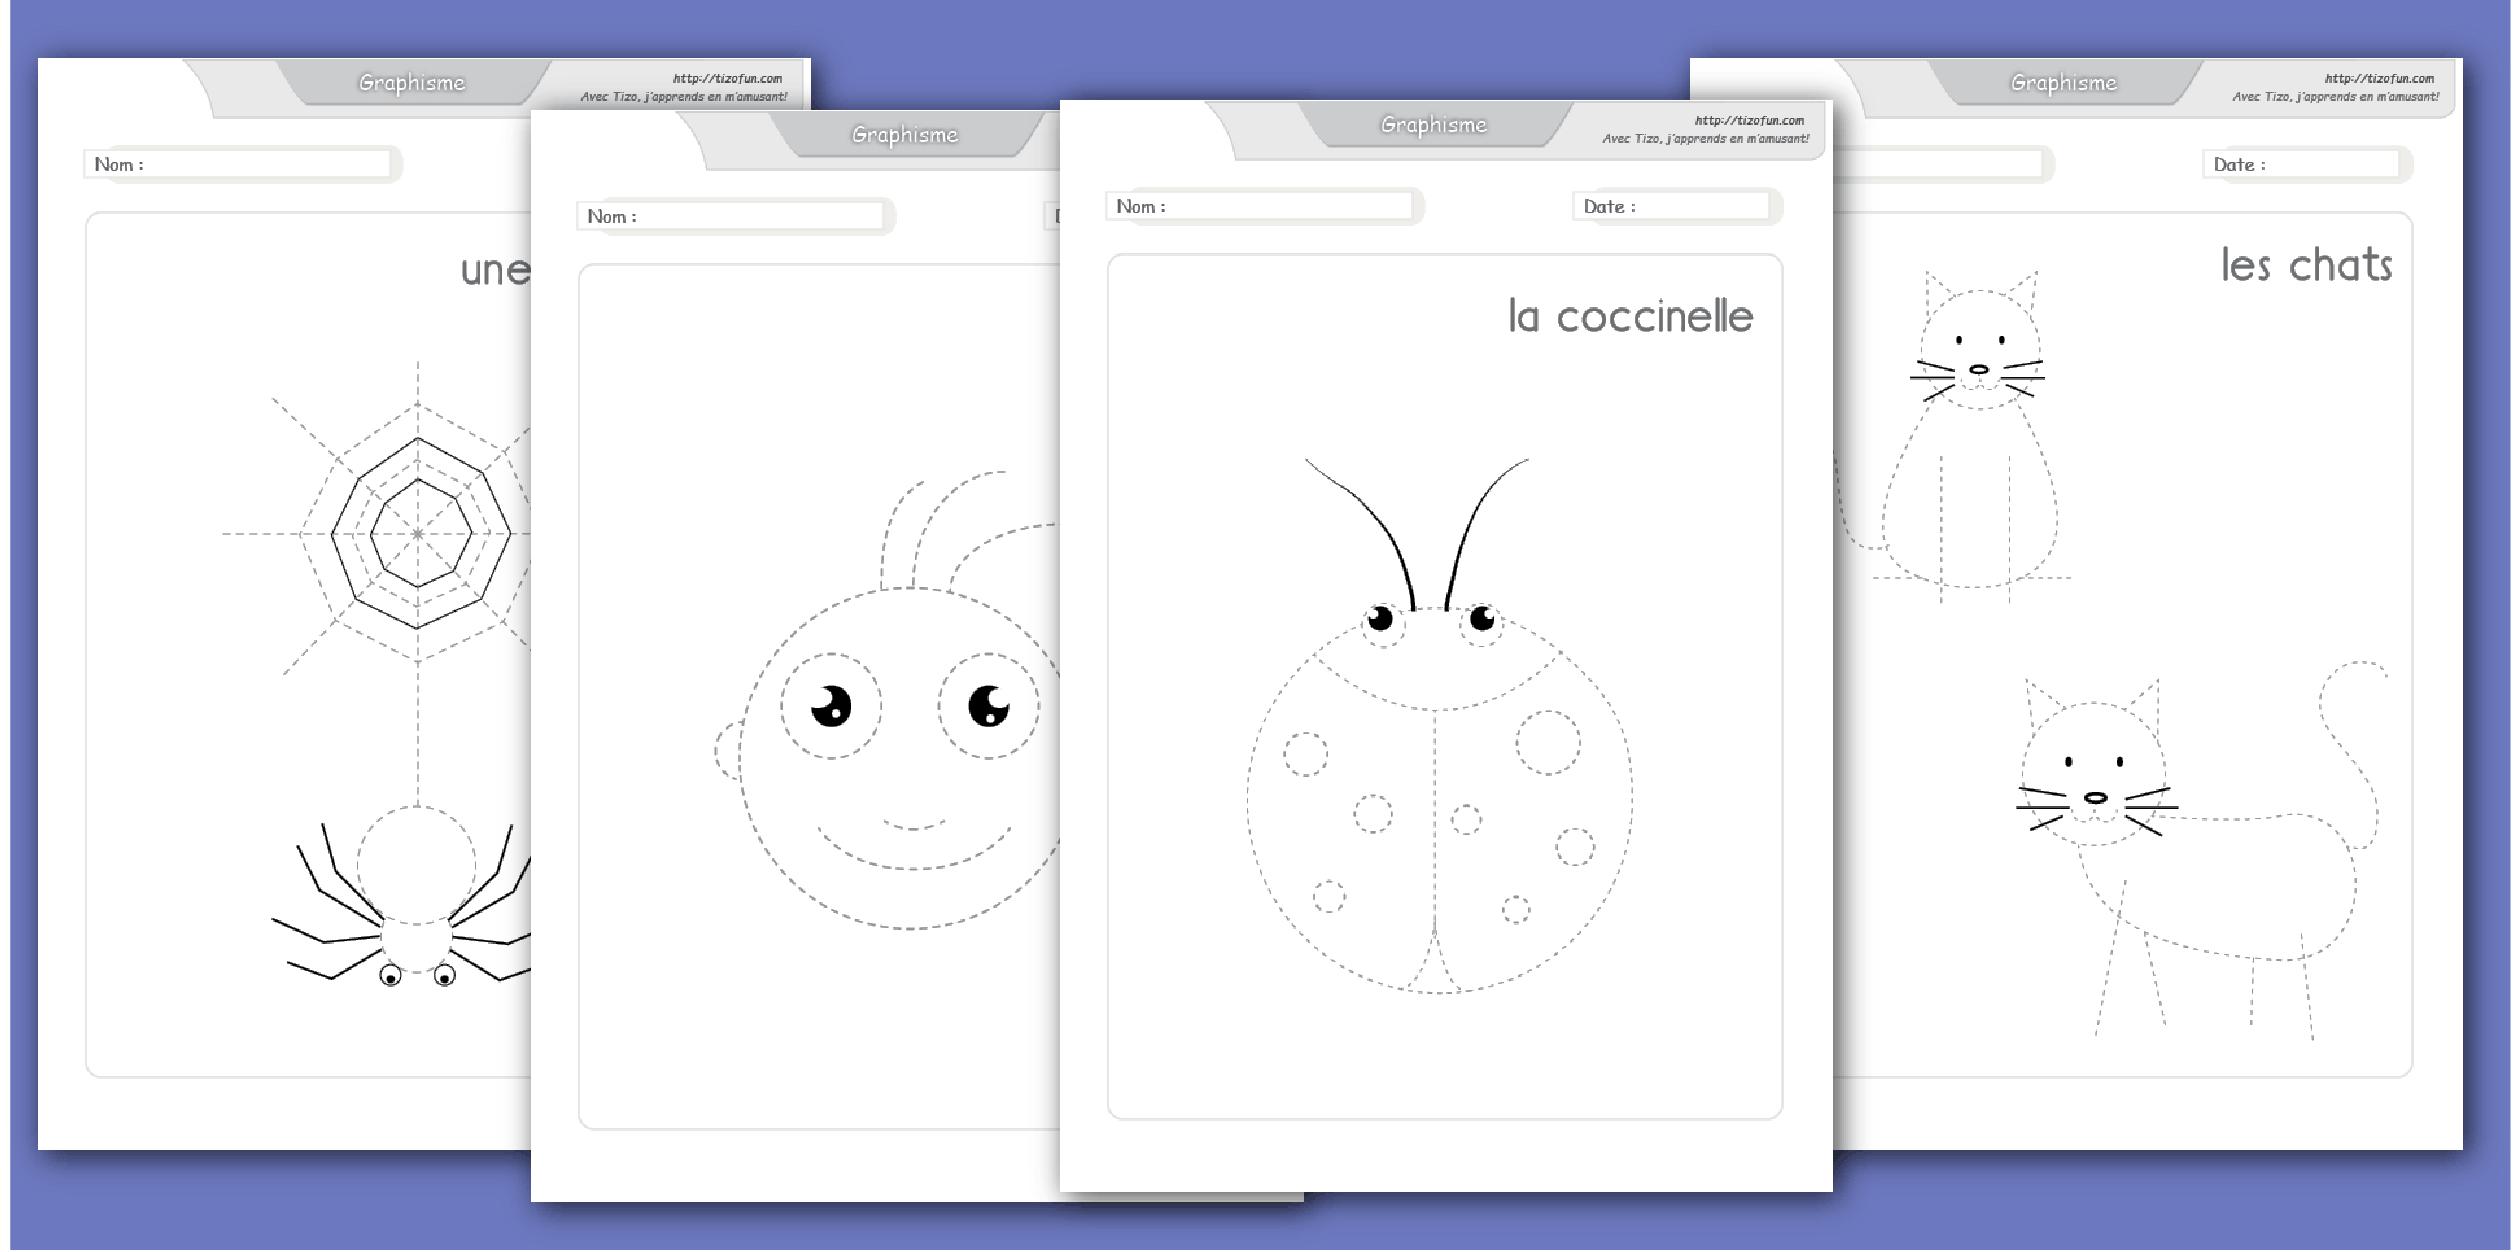 Développer La Motricité Fine Par La Pratique Du Dessin intérieur Graphisme Maternelle A Imprimer Gratuit